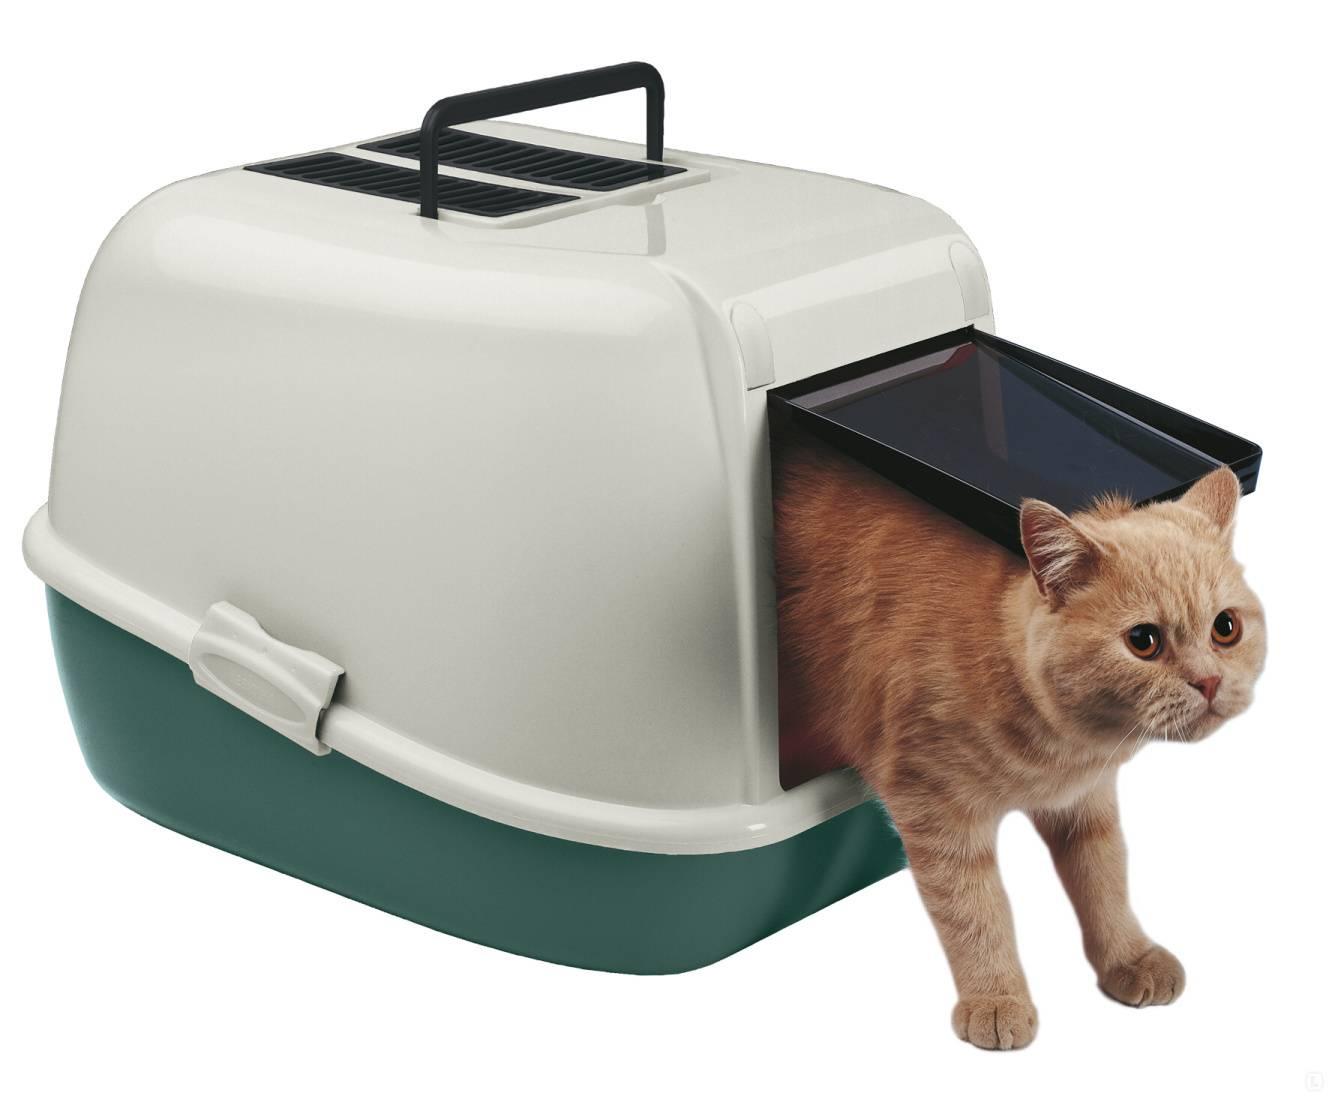 Лоток для кошки - какой лучше выбрать лоток для кошки - какой лучше выбрать